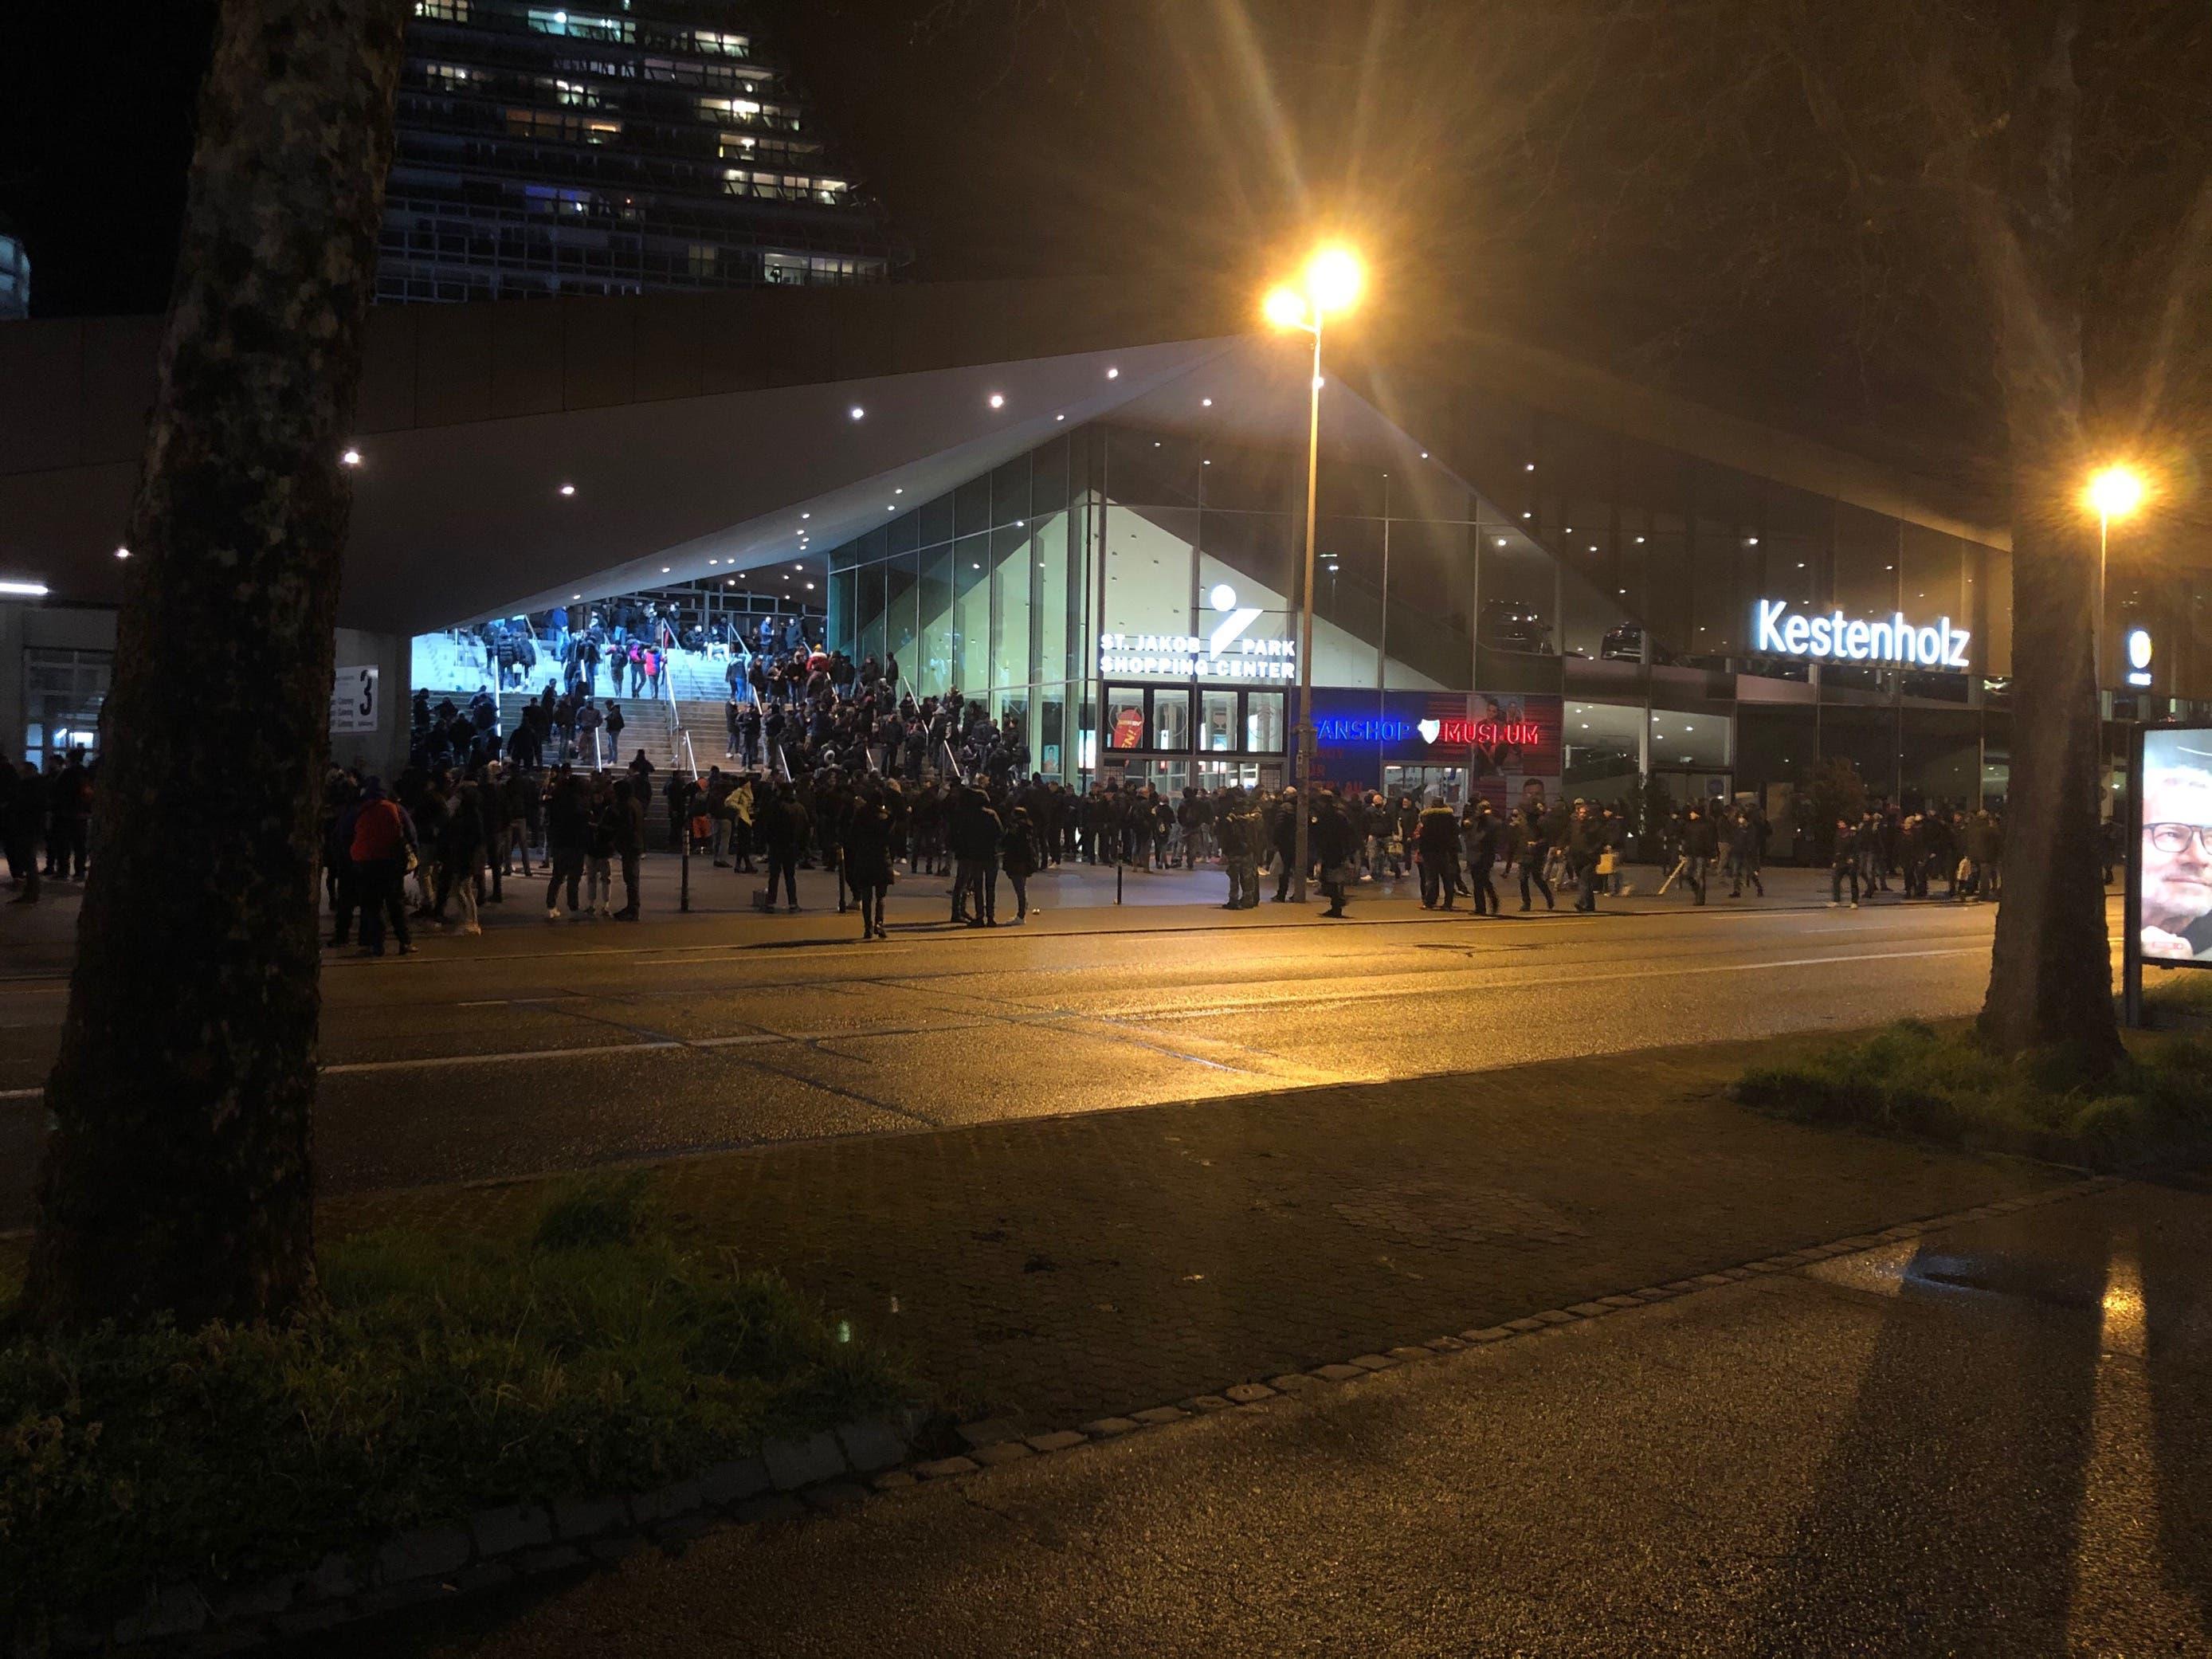 Einige hundert sind schon vor dem Stadion.